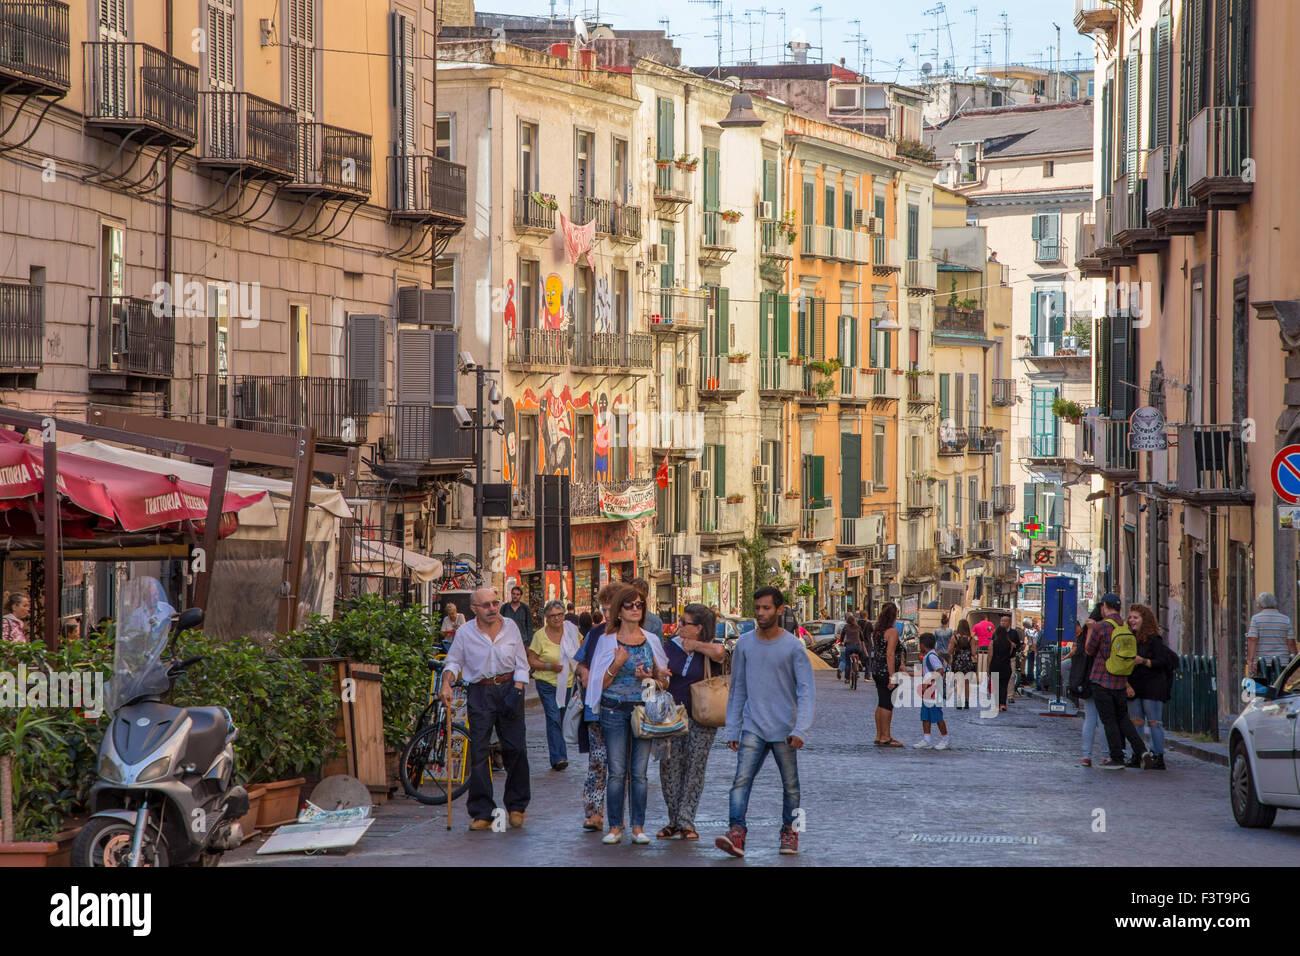 street scene naples italy stock photo 88430344 alamy